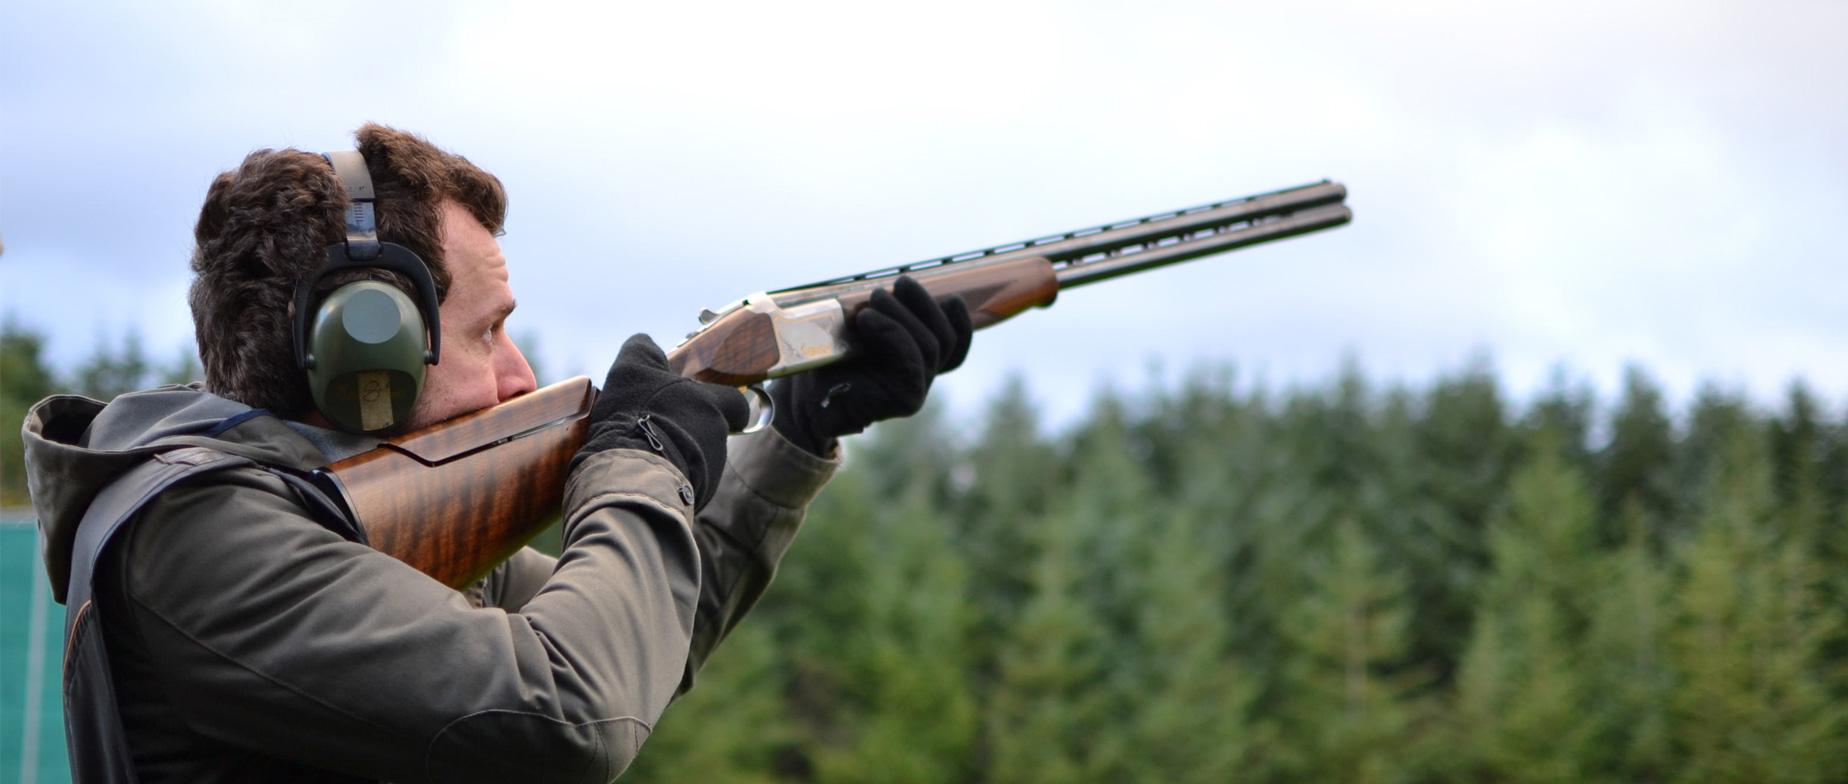 Agyaggalamb lövészet olimpiai trap és skeet pályán az erdőben